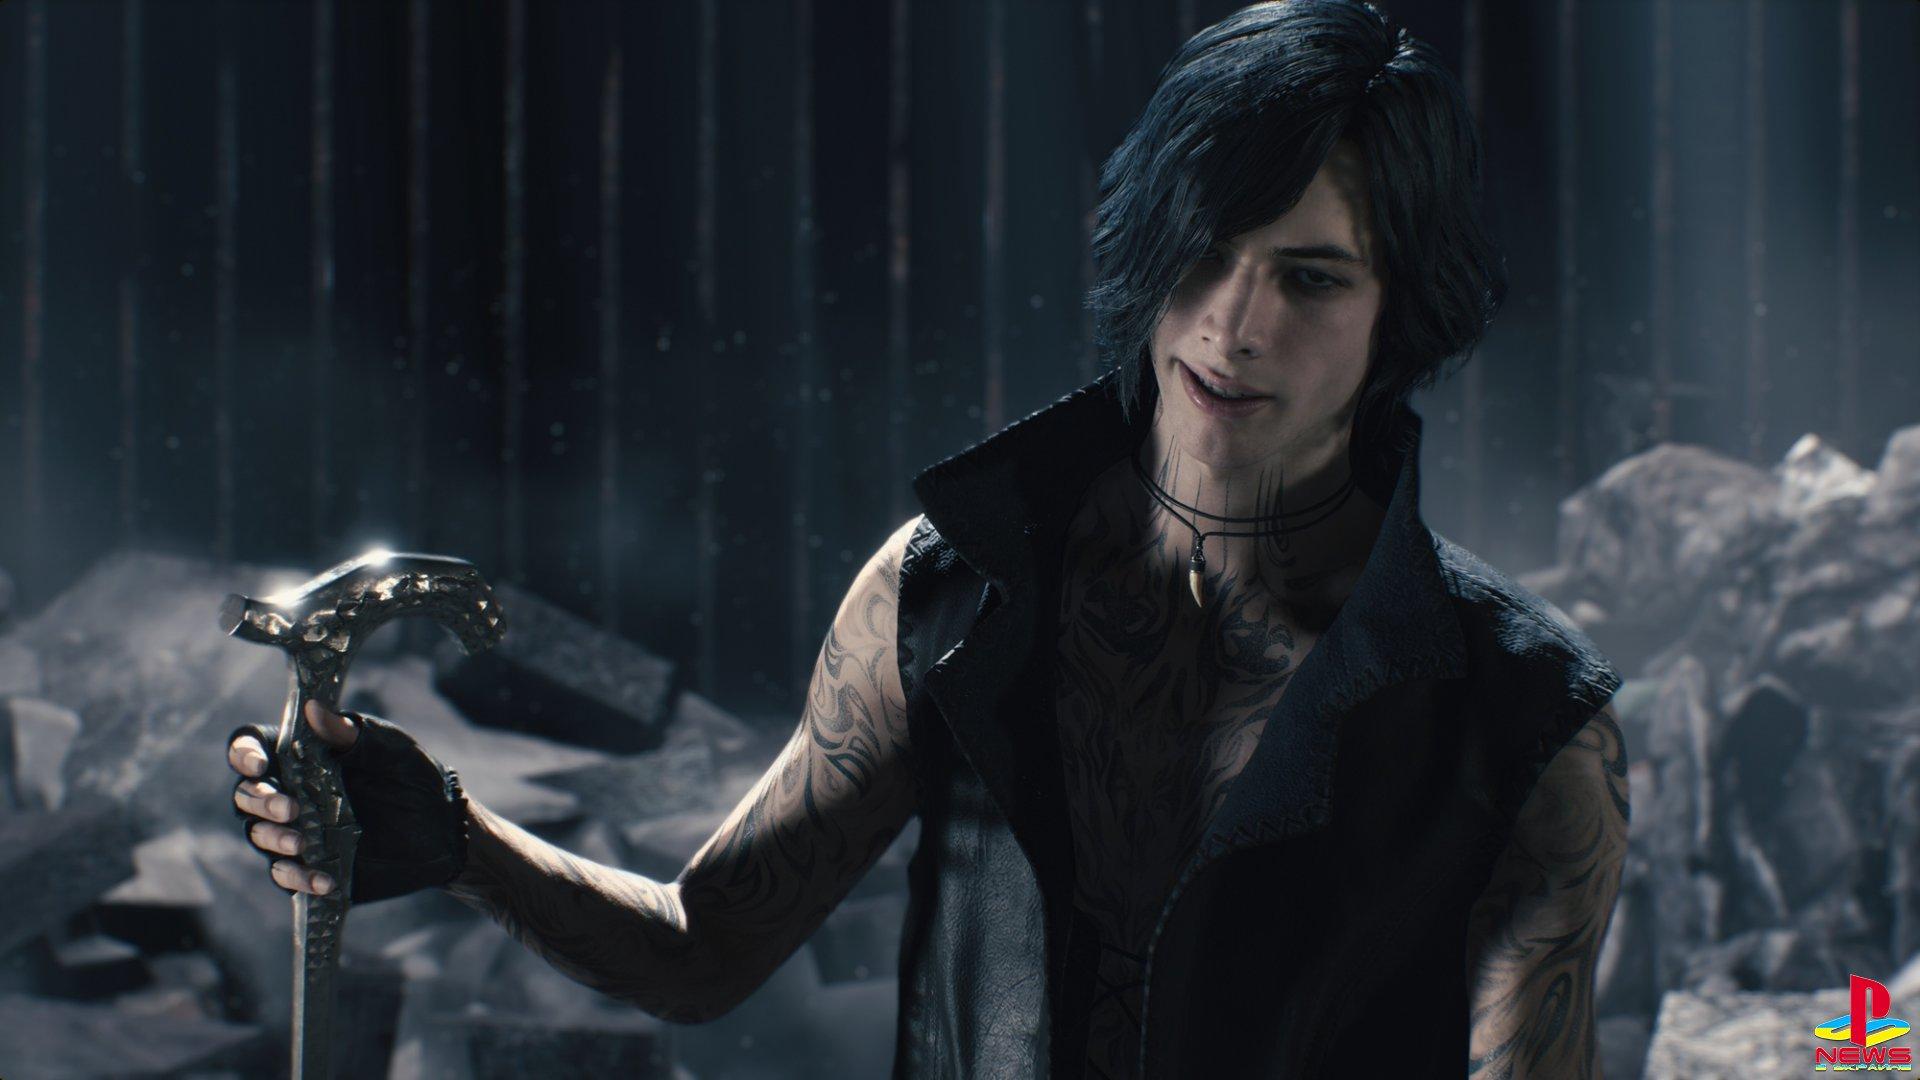 7 февраля выйдет новая демо-версия Devil May Cry 5